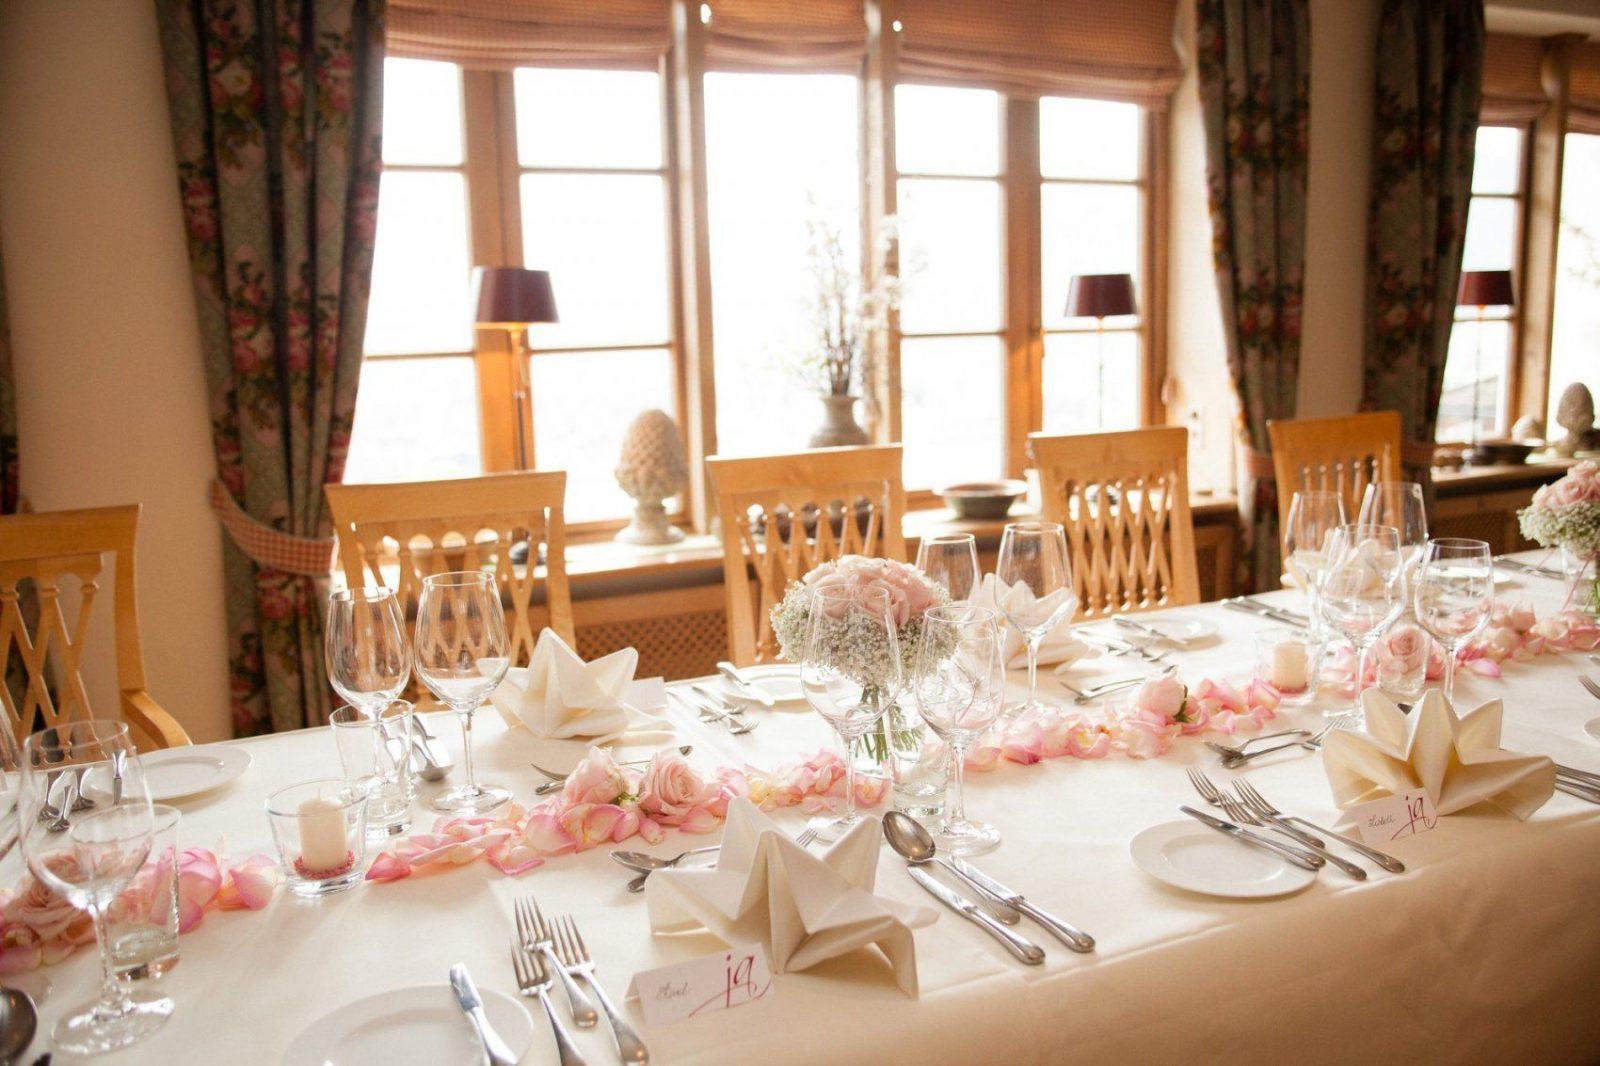 39 Fancy Architektur Betreffend Tischdeko Goldene Hochzeit Neu von Tischdeko Für Goldene Hochzeit Photo